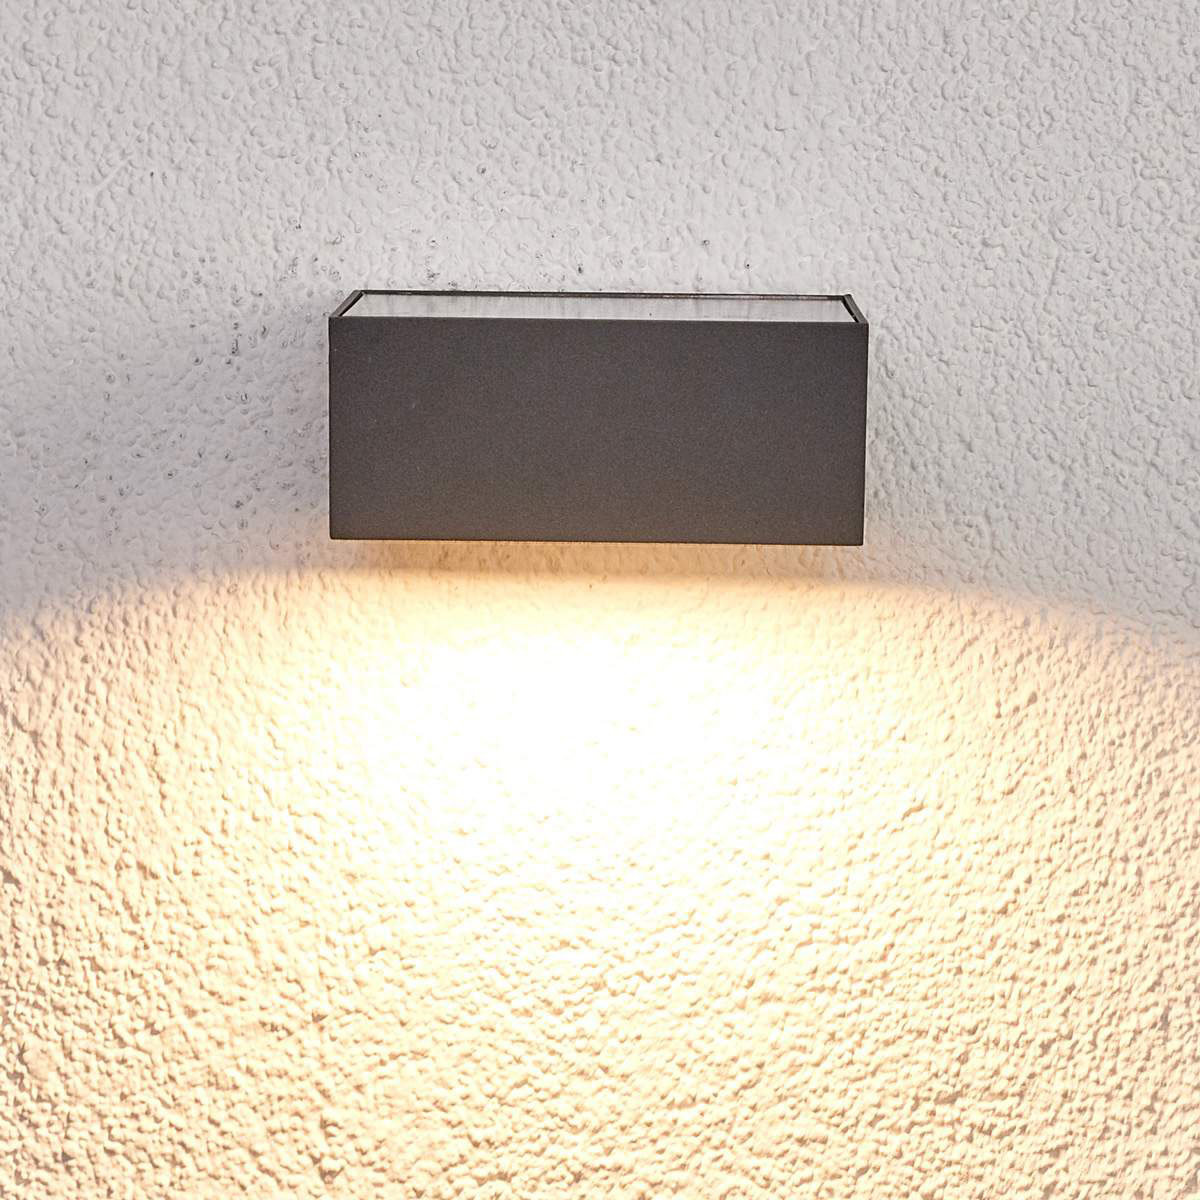 Solar-Led-Außenwandleuchte Mahra mit Bewegungsmelder, 6x14,5x14,5 cm, Aluminium, grau | #2